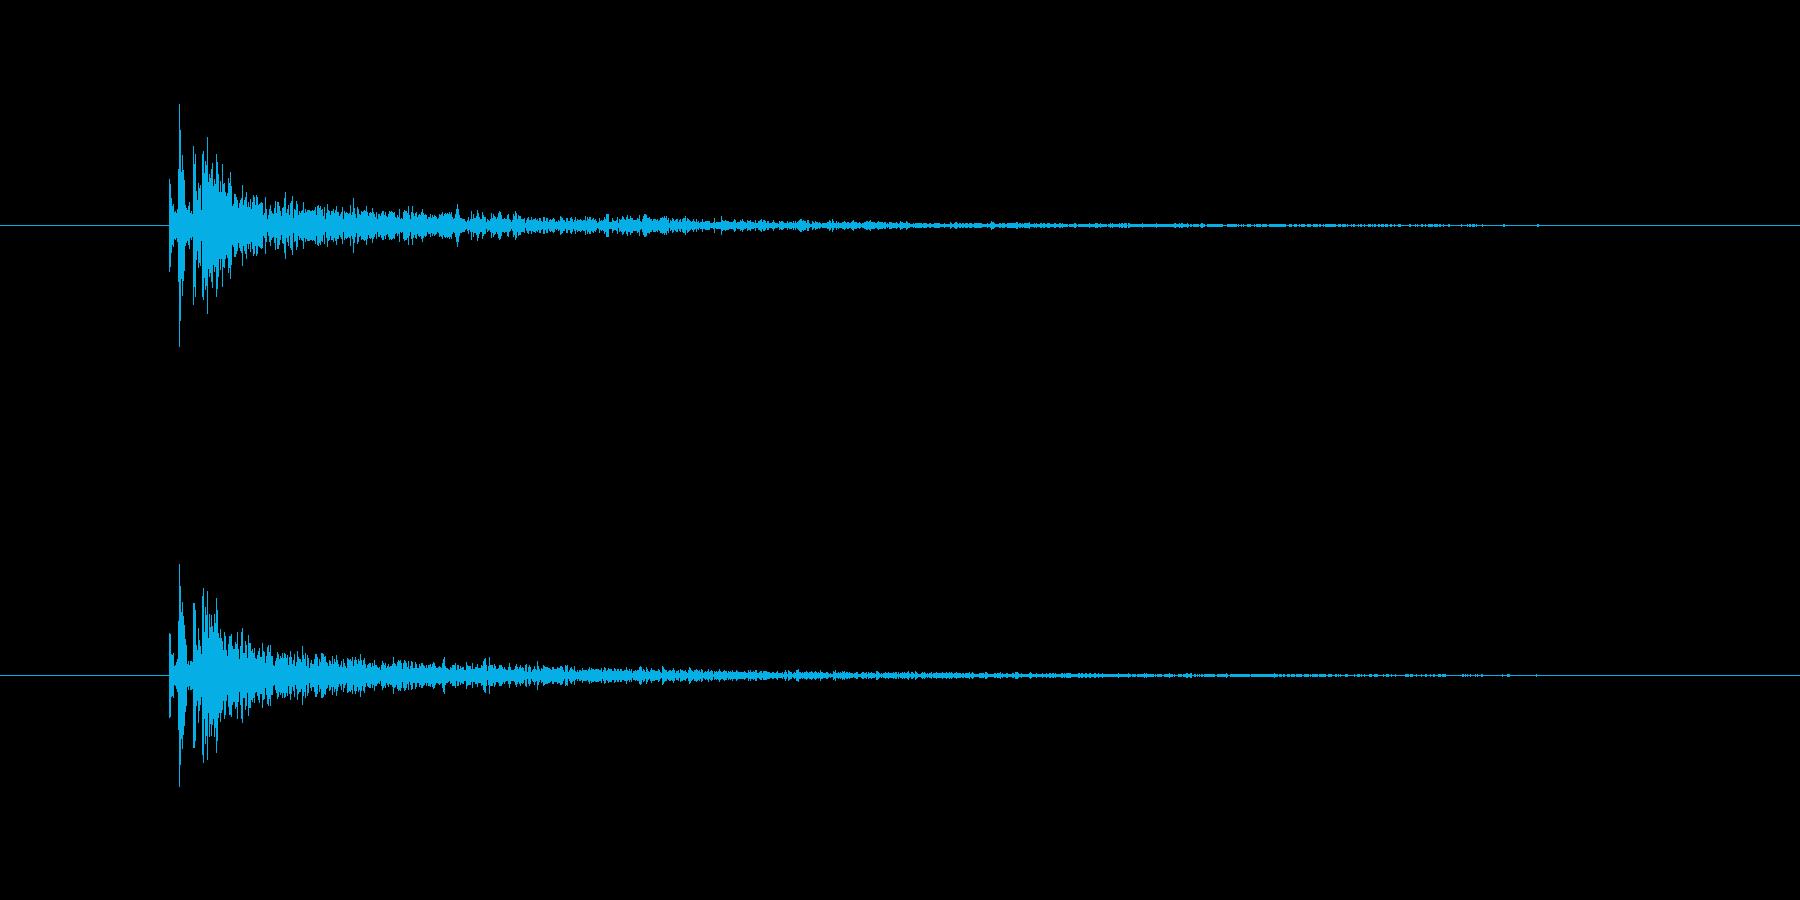 銃声(残響長め)の再生済みの波形